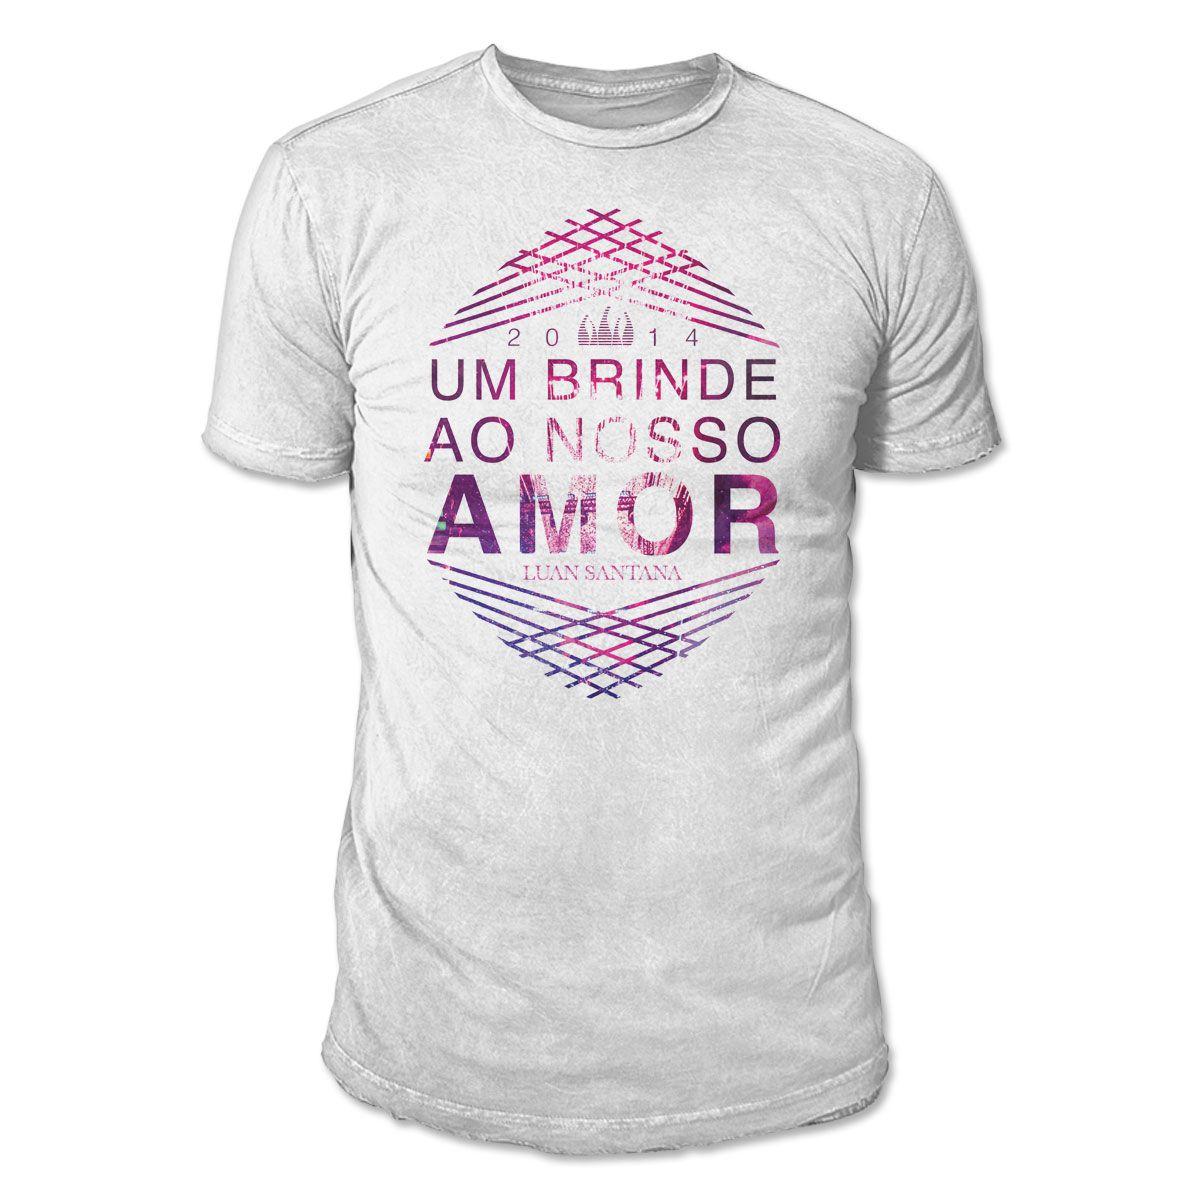 Camiseta Masculina Luan Santana - Um Brinde Ao Nosso Amor 2